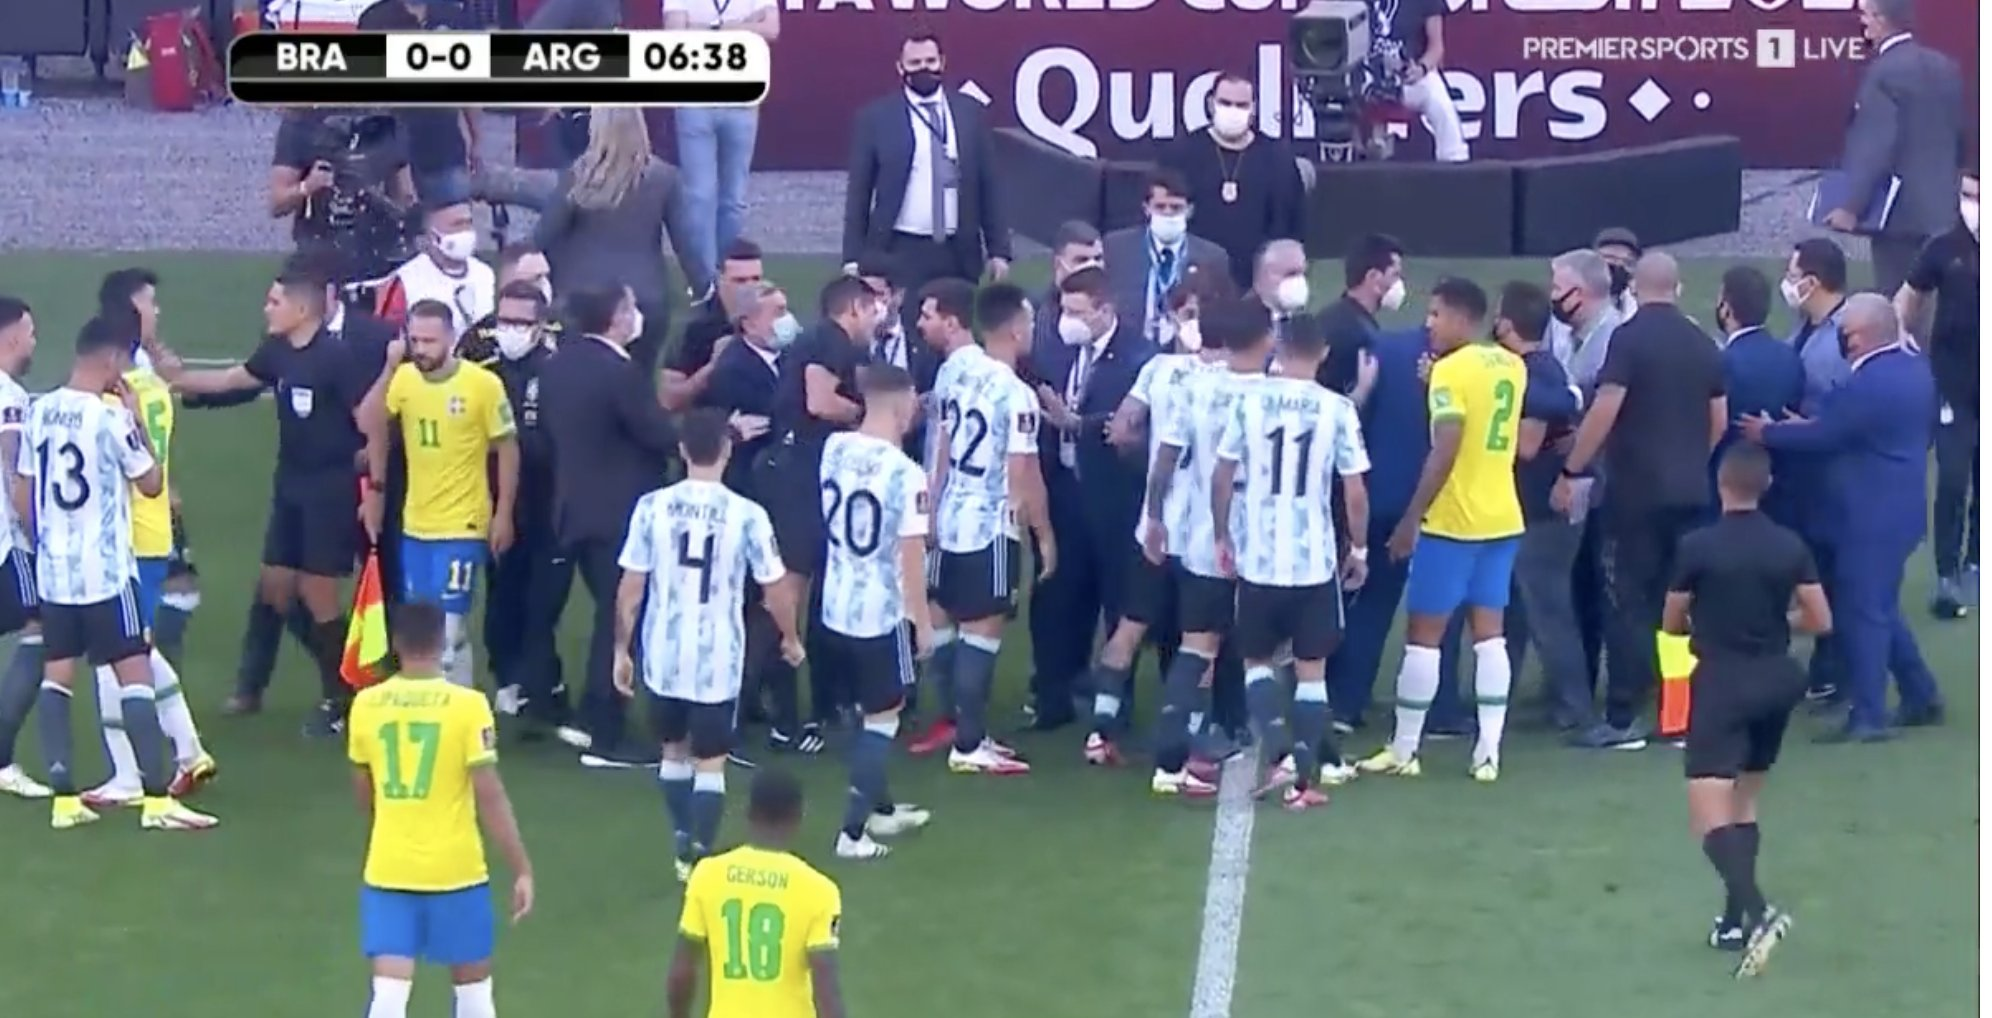 Начался и почти сразу закончился матч отбора на ЧМ-2022 между Бразилией и Аргентиной